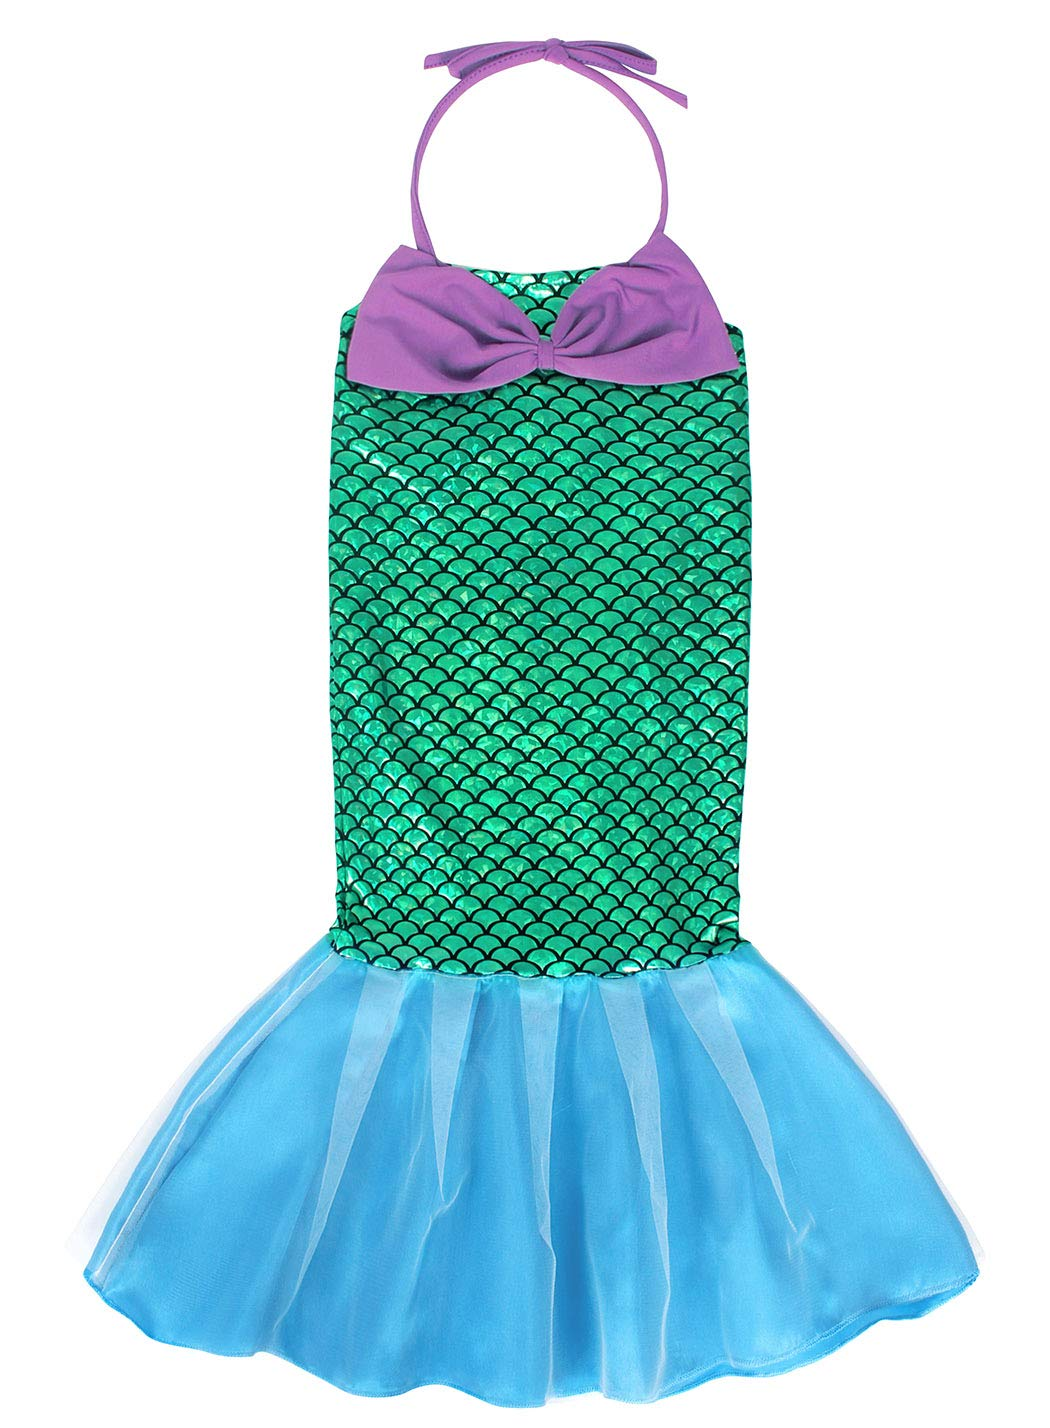 AmzBarley Costume della Sirenetta Vestito vestirsi Ragazza Bambina Coda di Pesce Costumi di Halloween Vestiti Compleanno… 3 spesavip